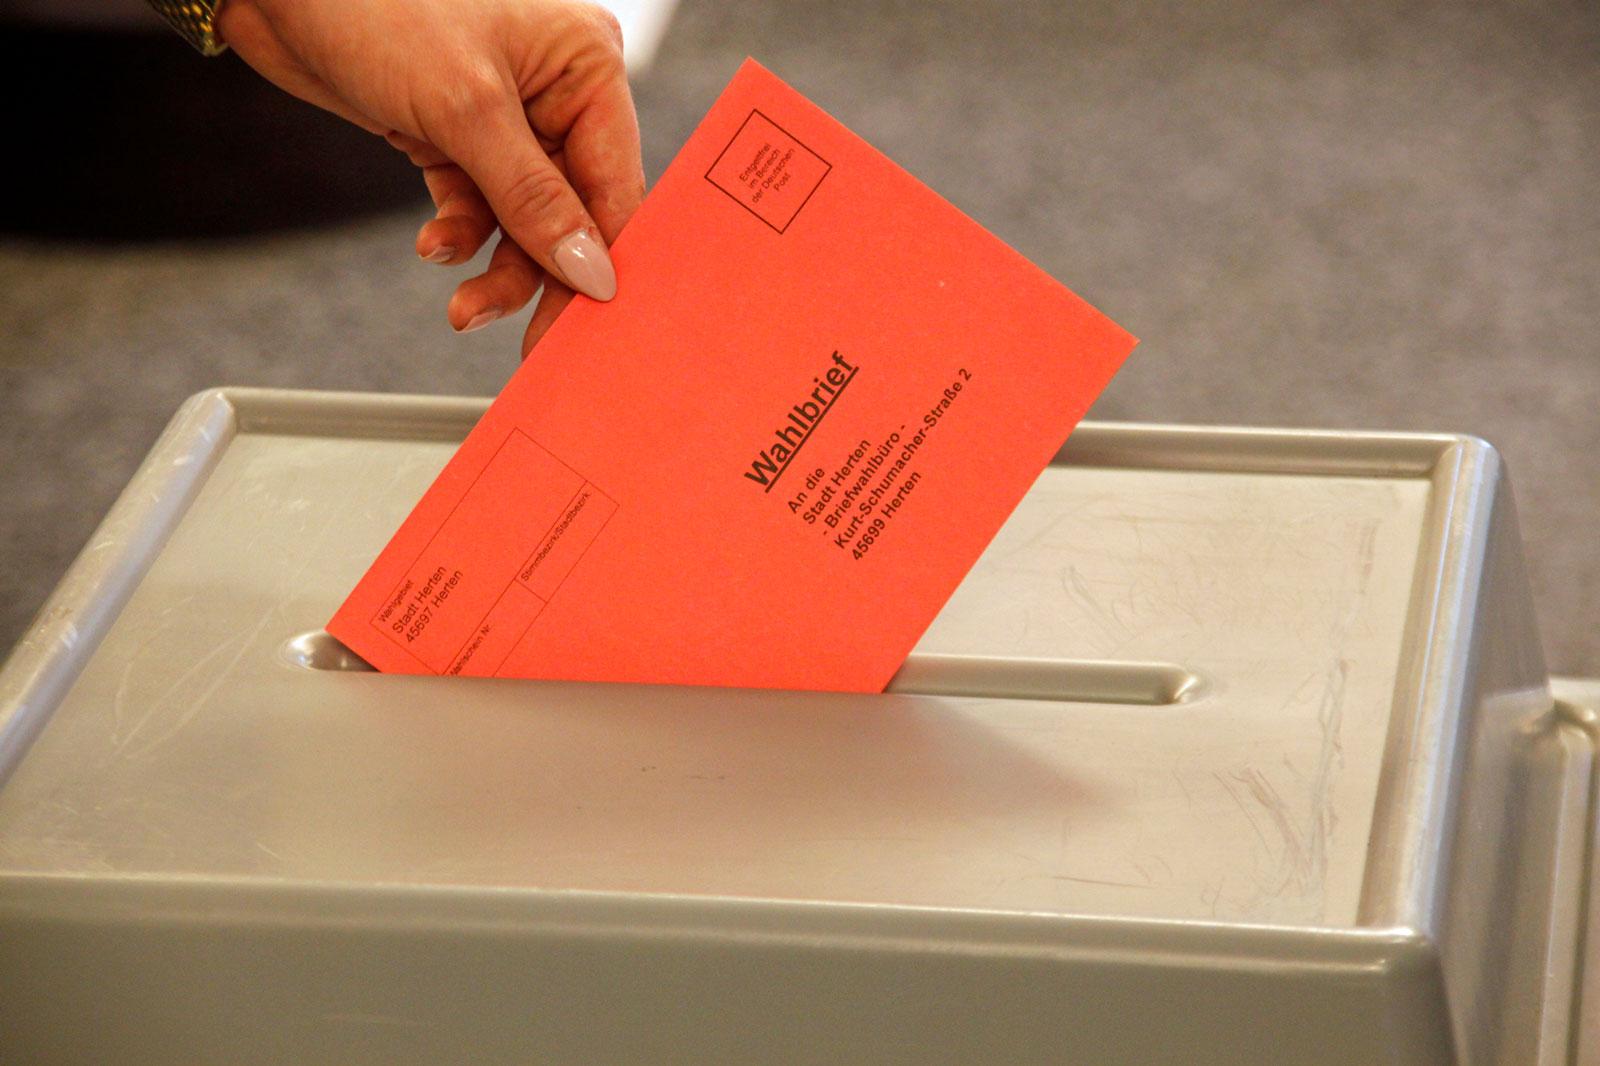 Wahlberechtigte können im Briefwahlbüro ihre Stimme bereits vorab per Briefwahl abgeben. (Foto: Stadt Herten)